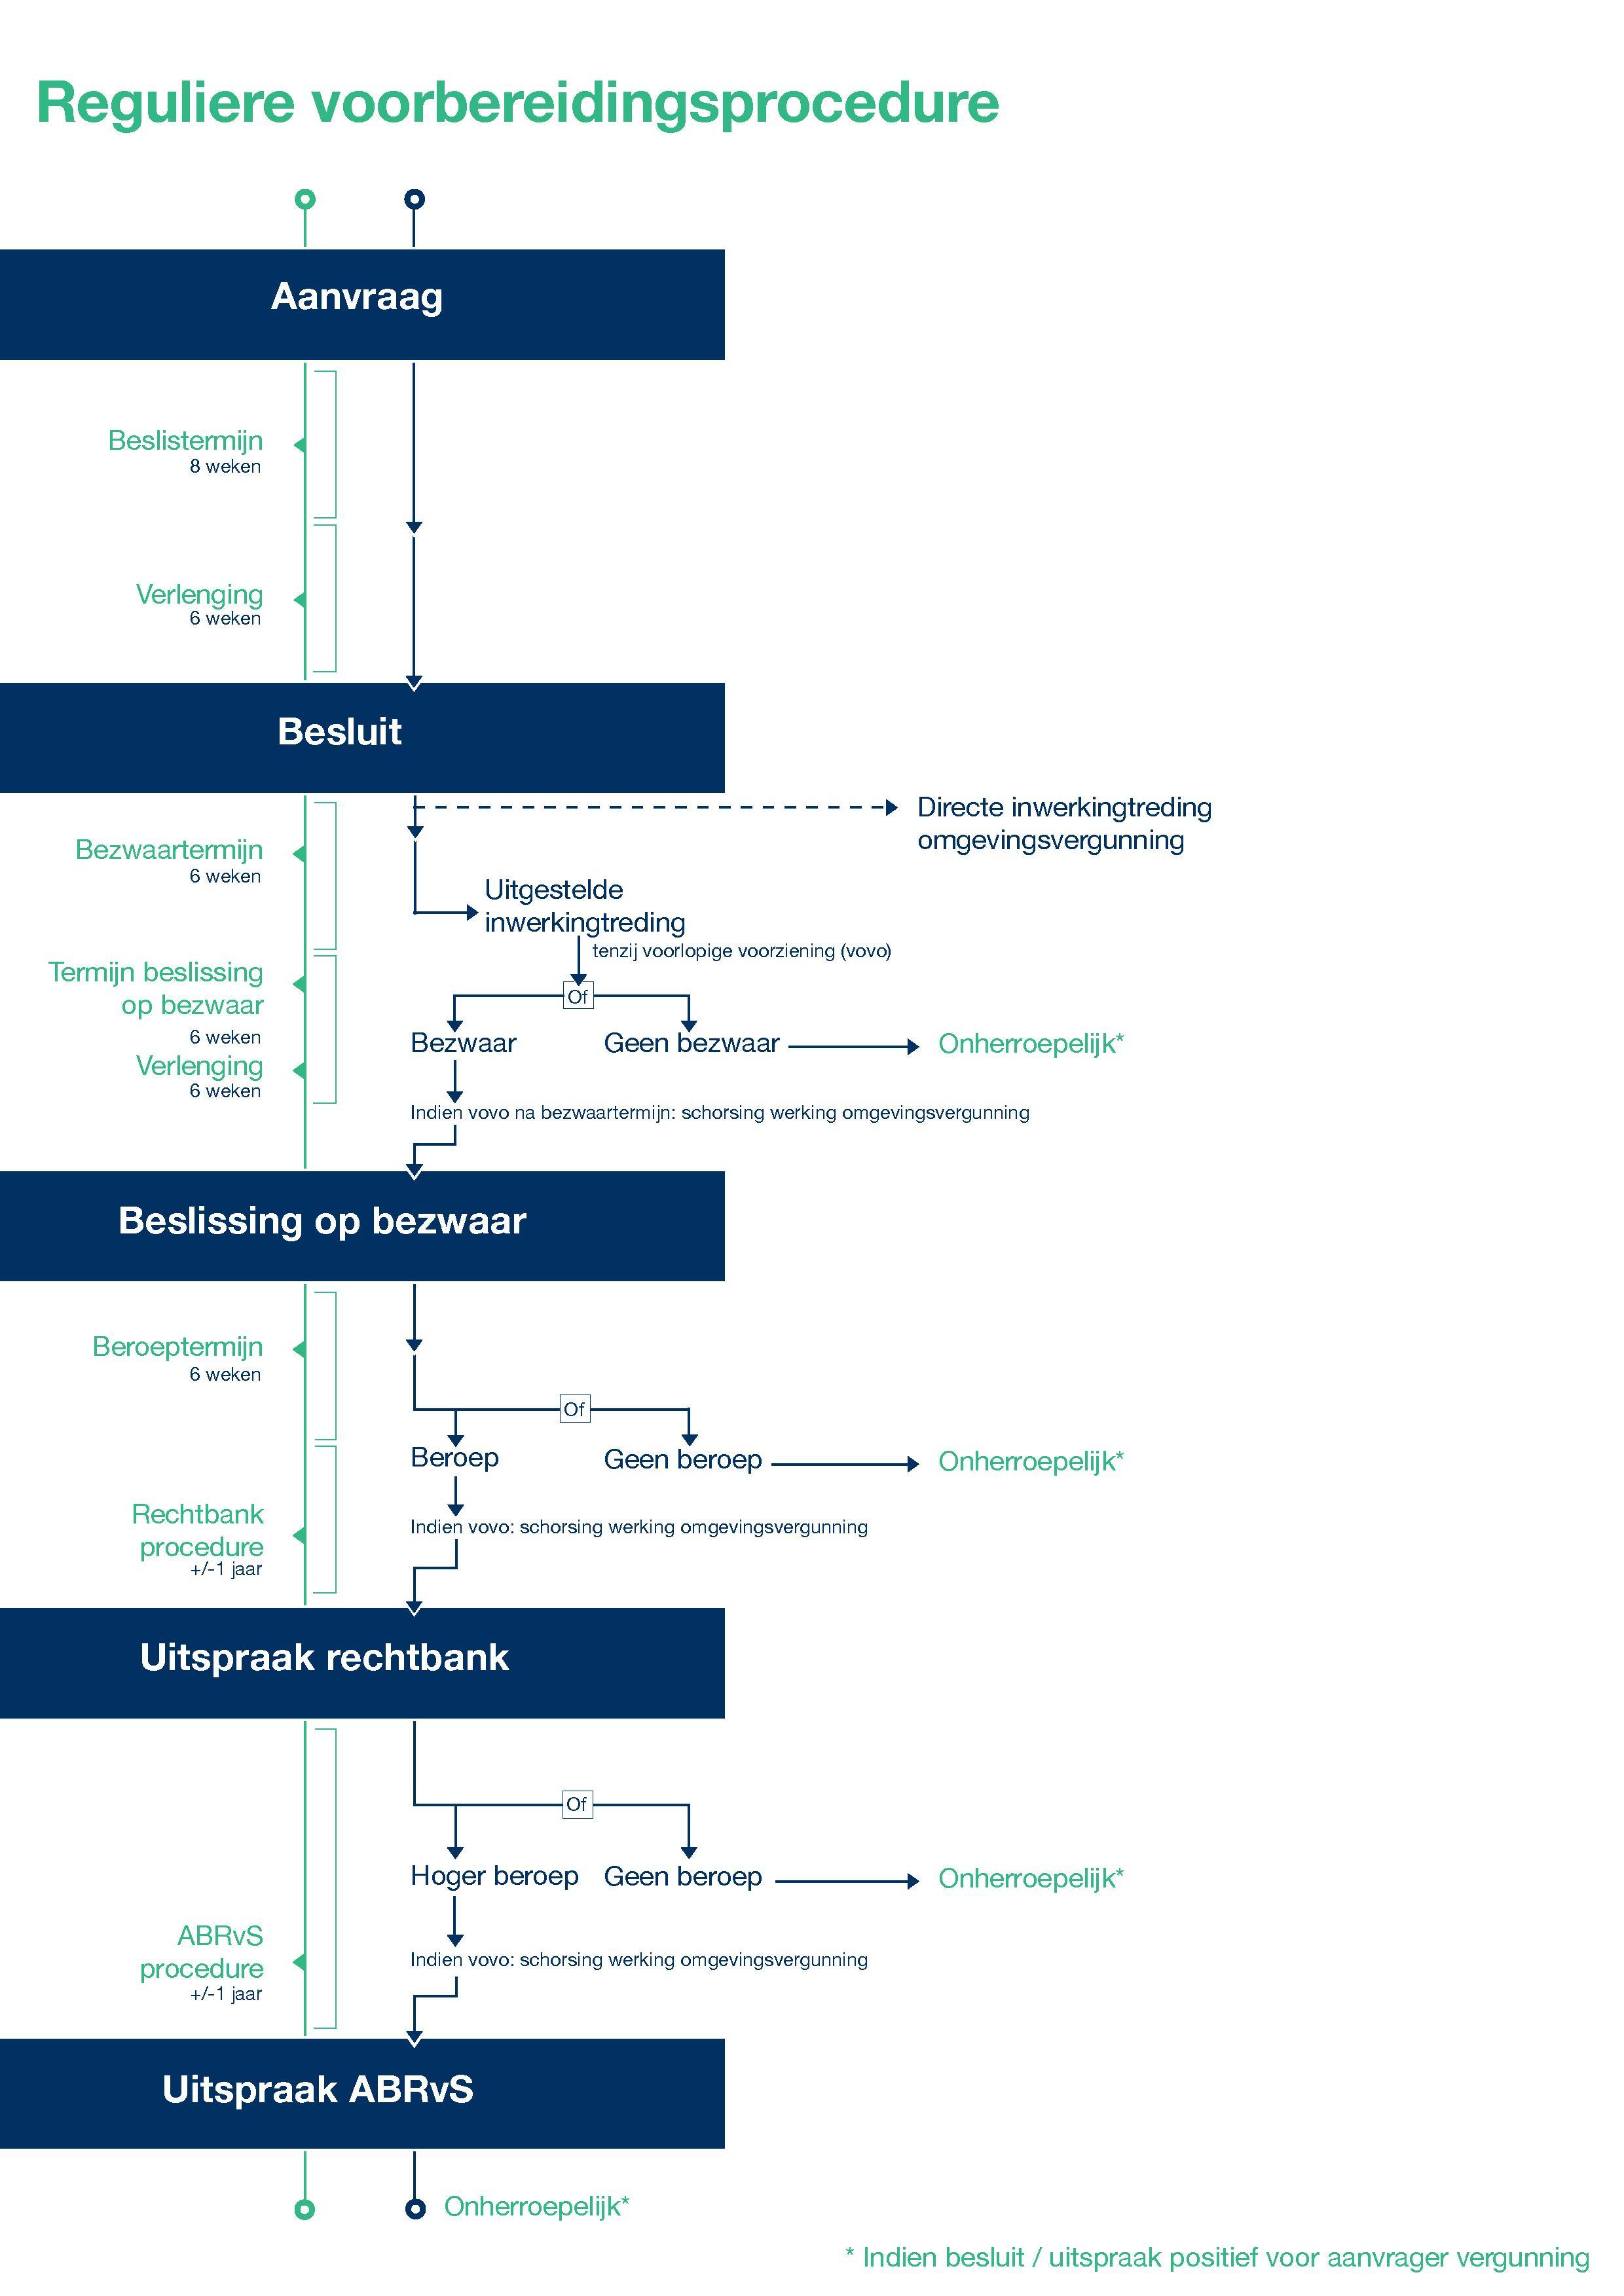 Visual Omgevingsvergunning reguliere procedure - final1